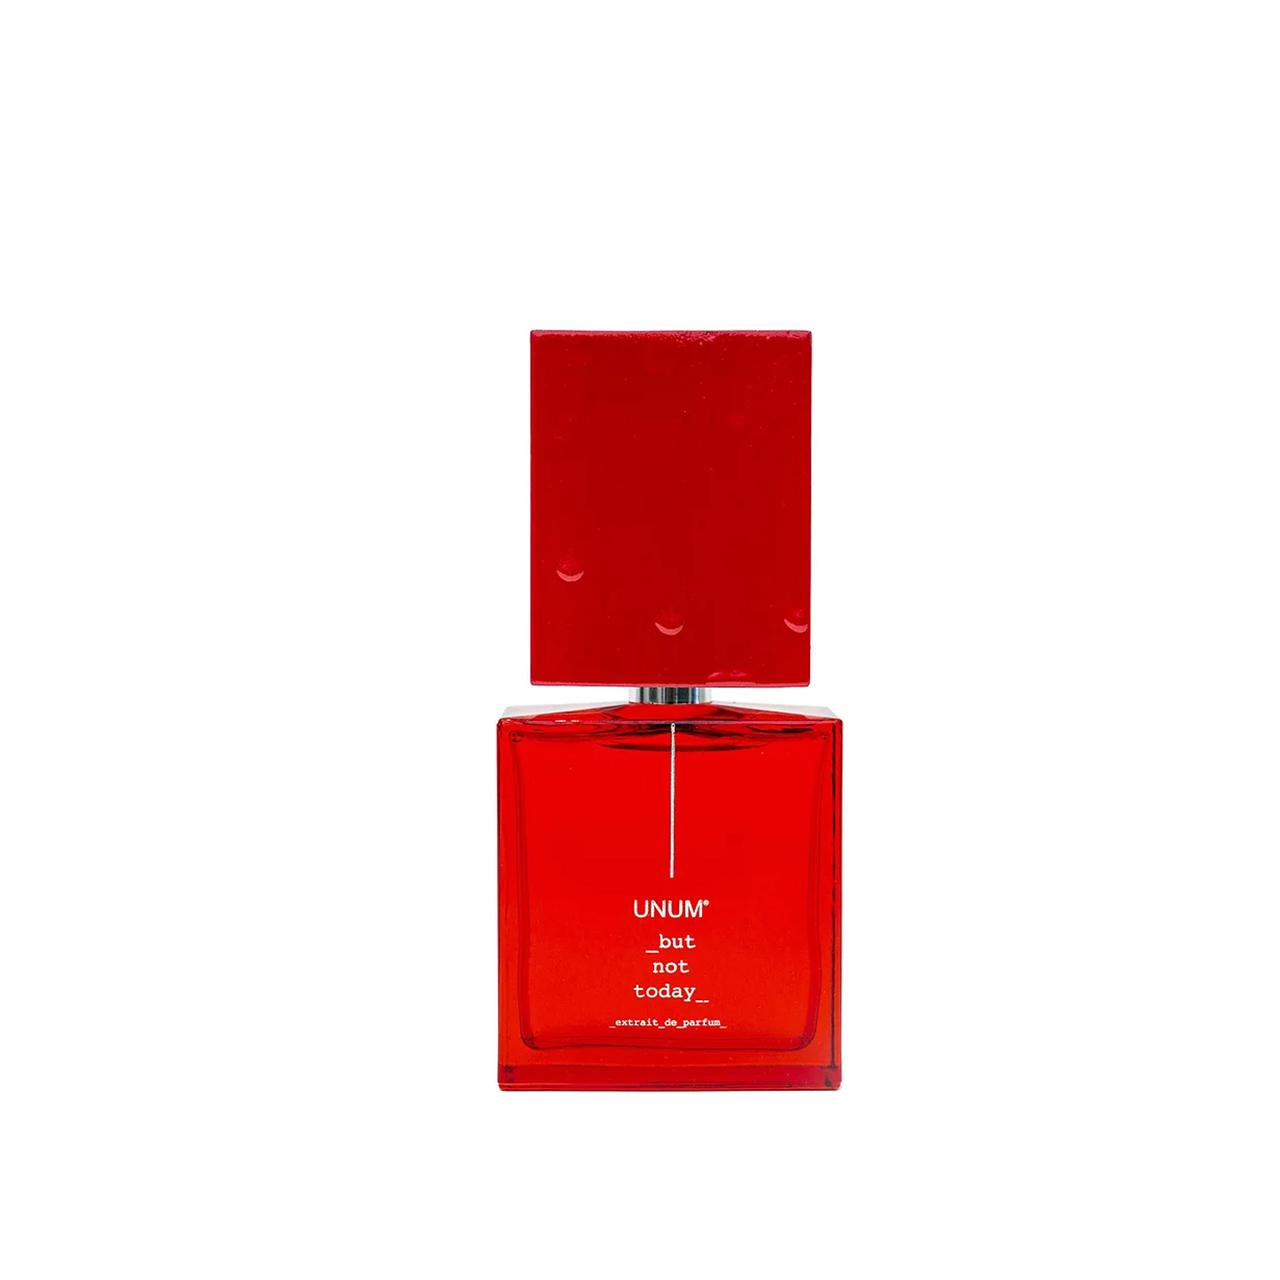 But not Today - Extrait de Parfum